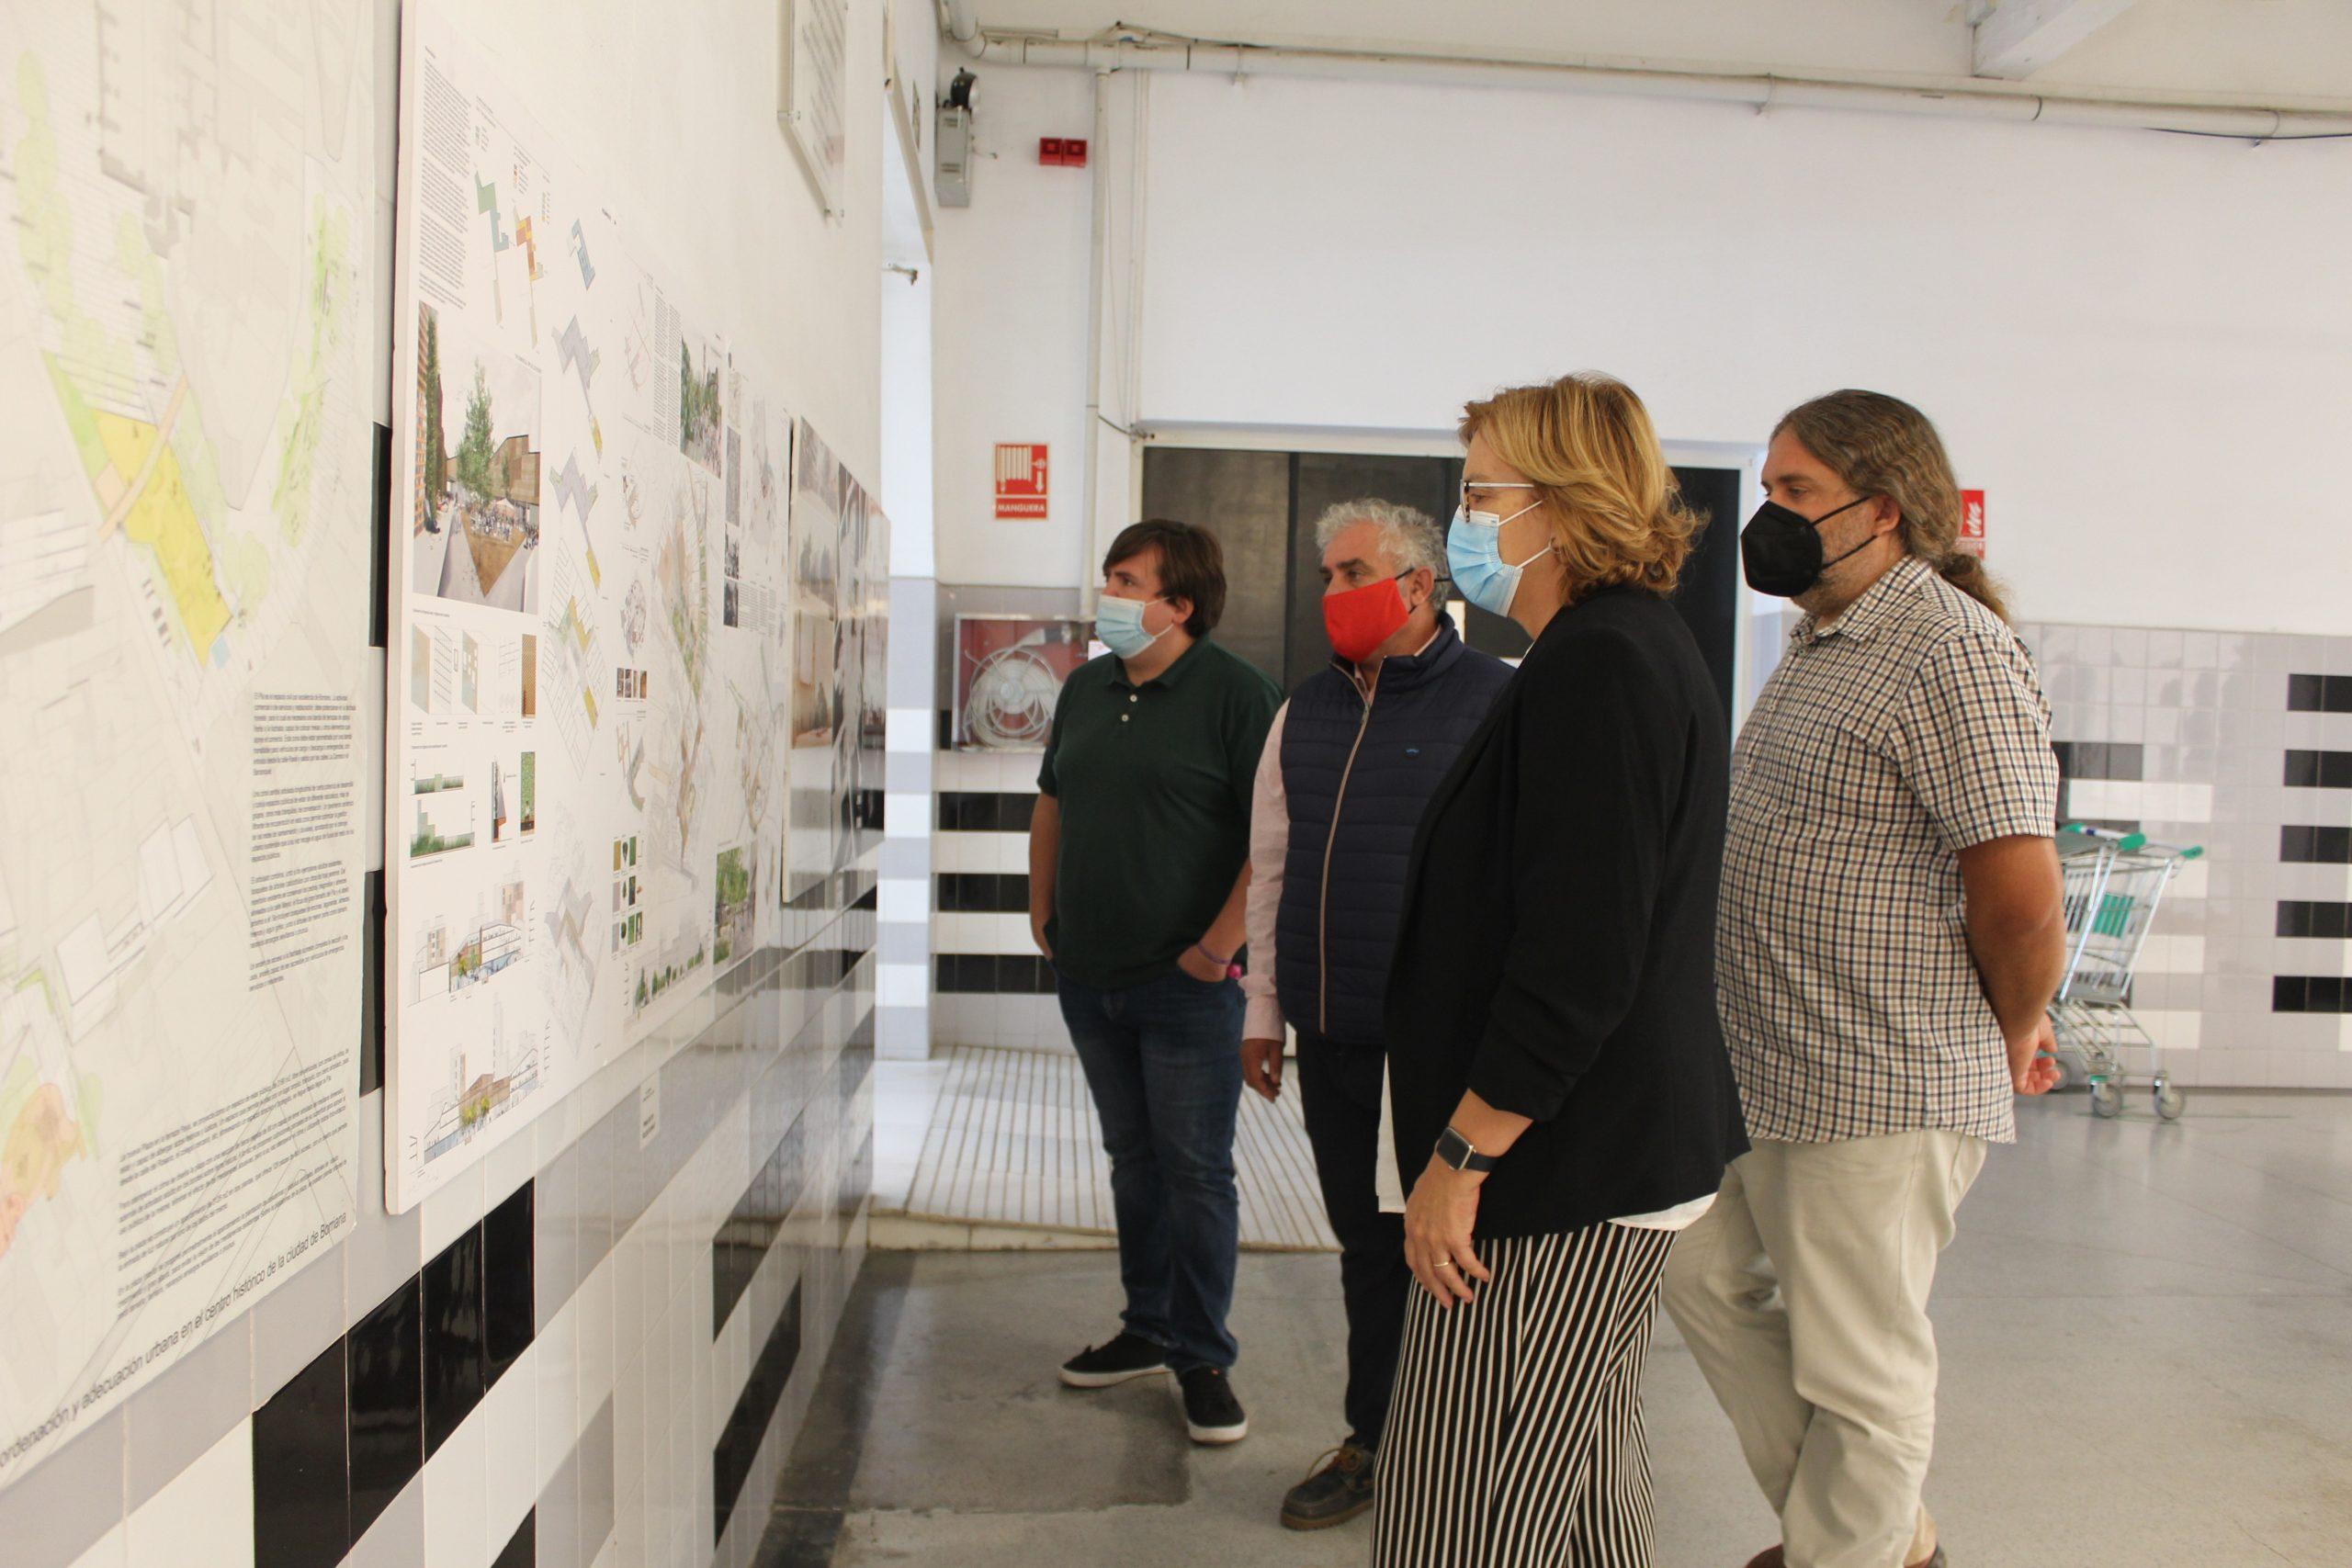 Borriana expone las propuestas del concurso de ideas para la adecuación de su centro urbano